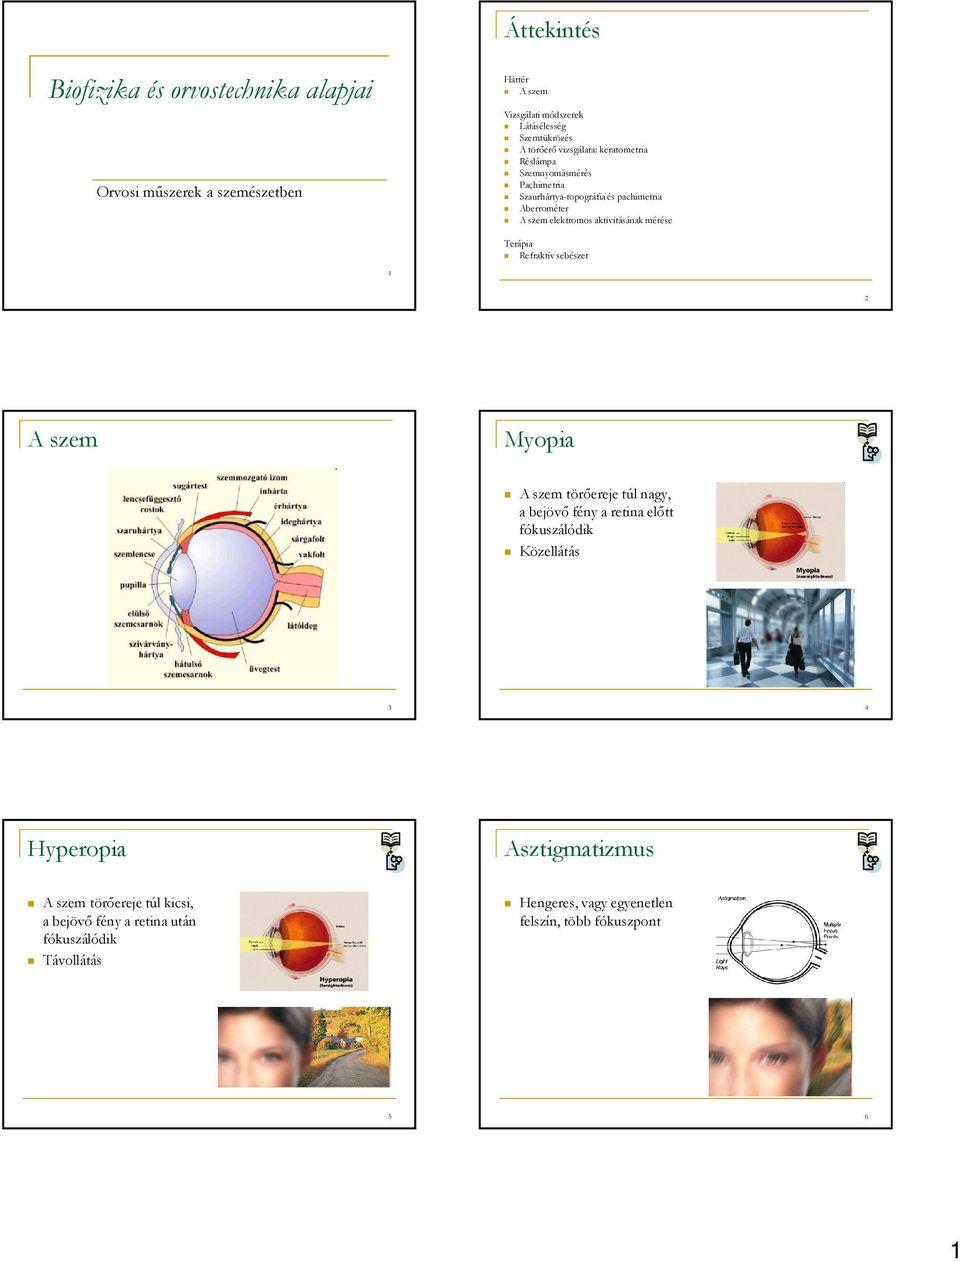 myopia gyakorlatok a szem számára